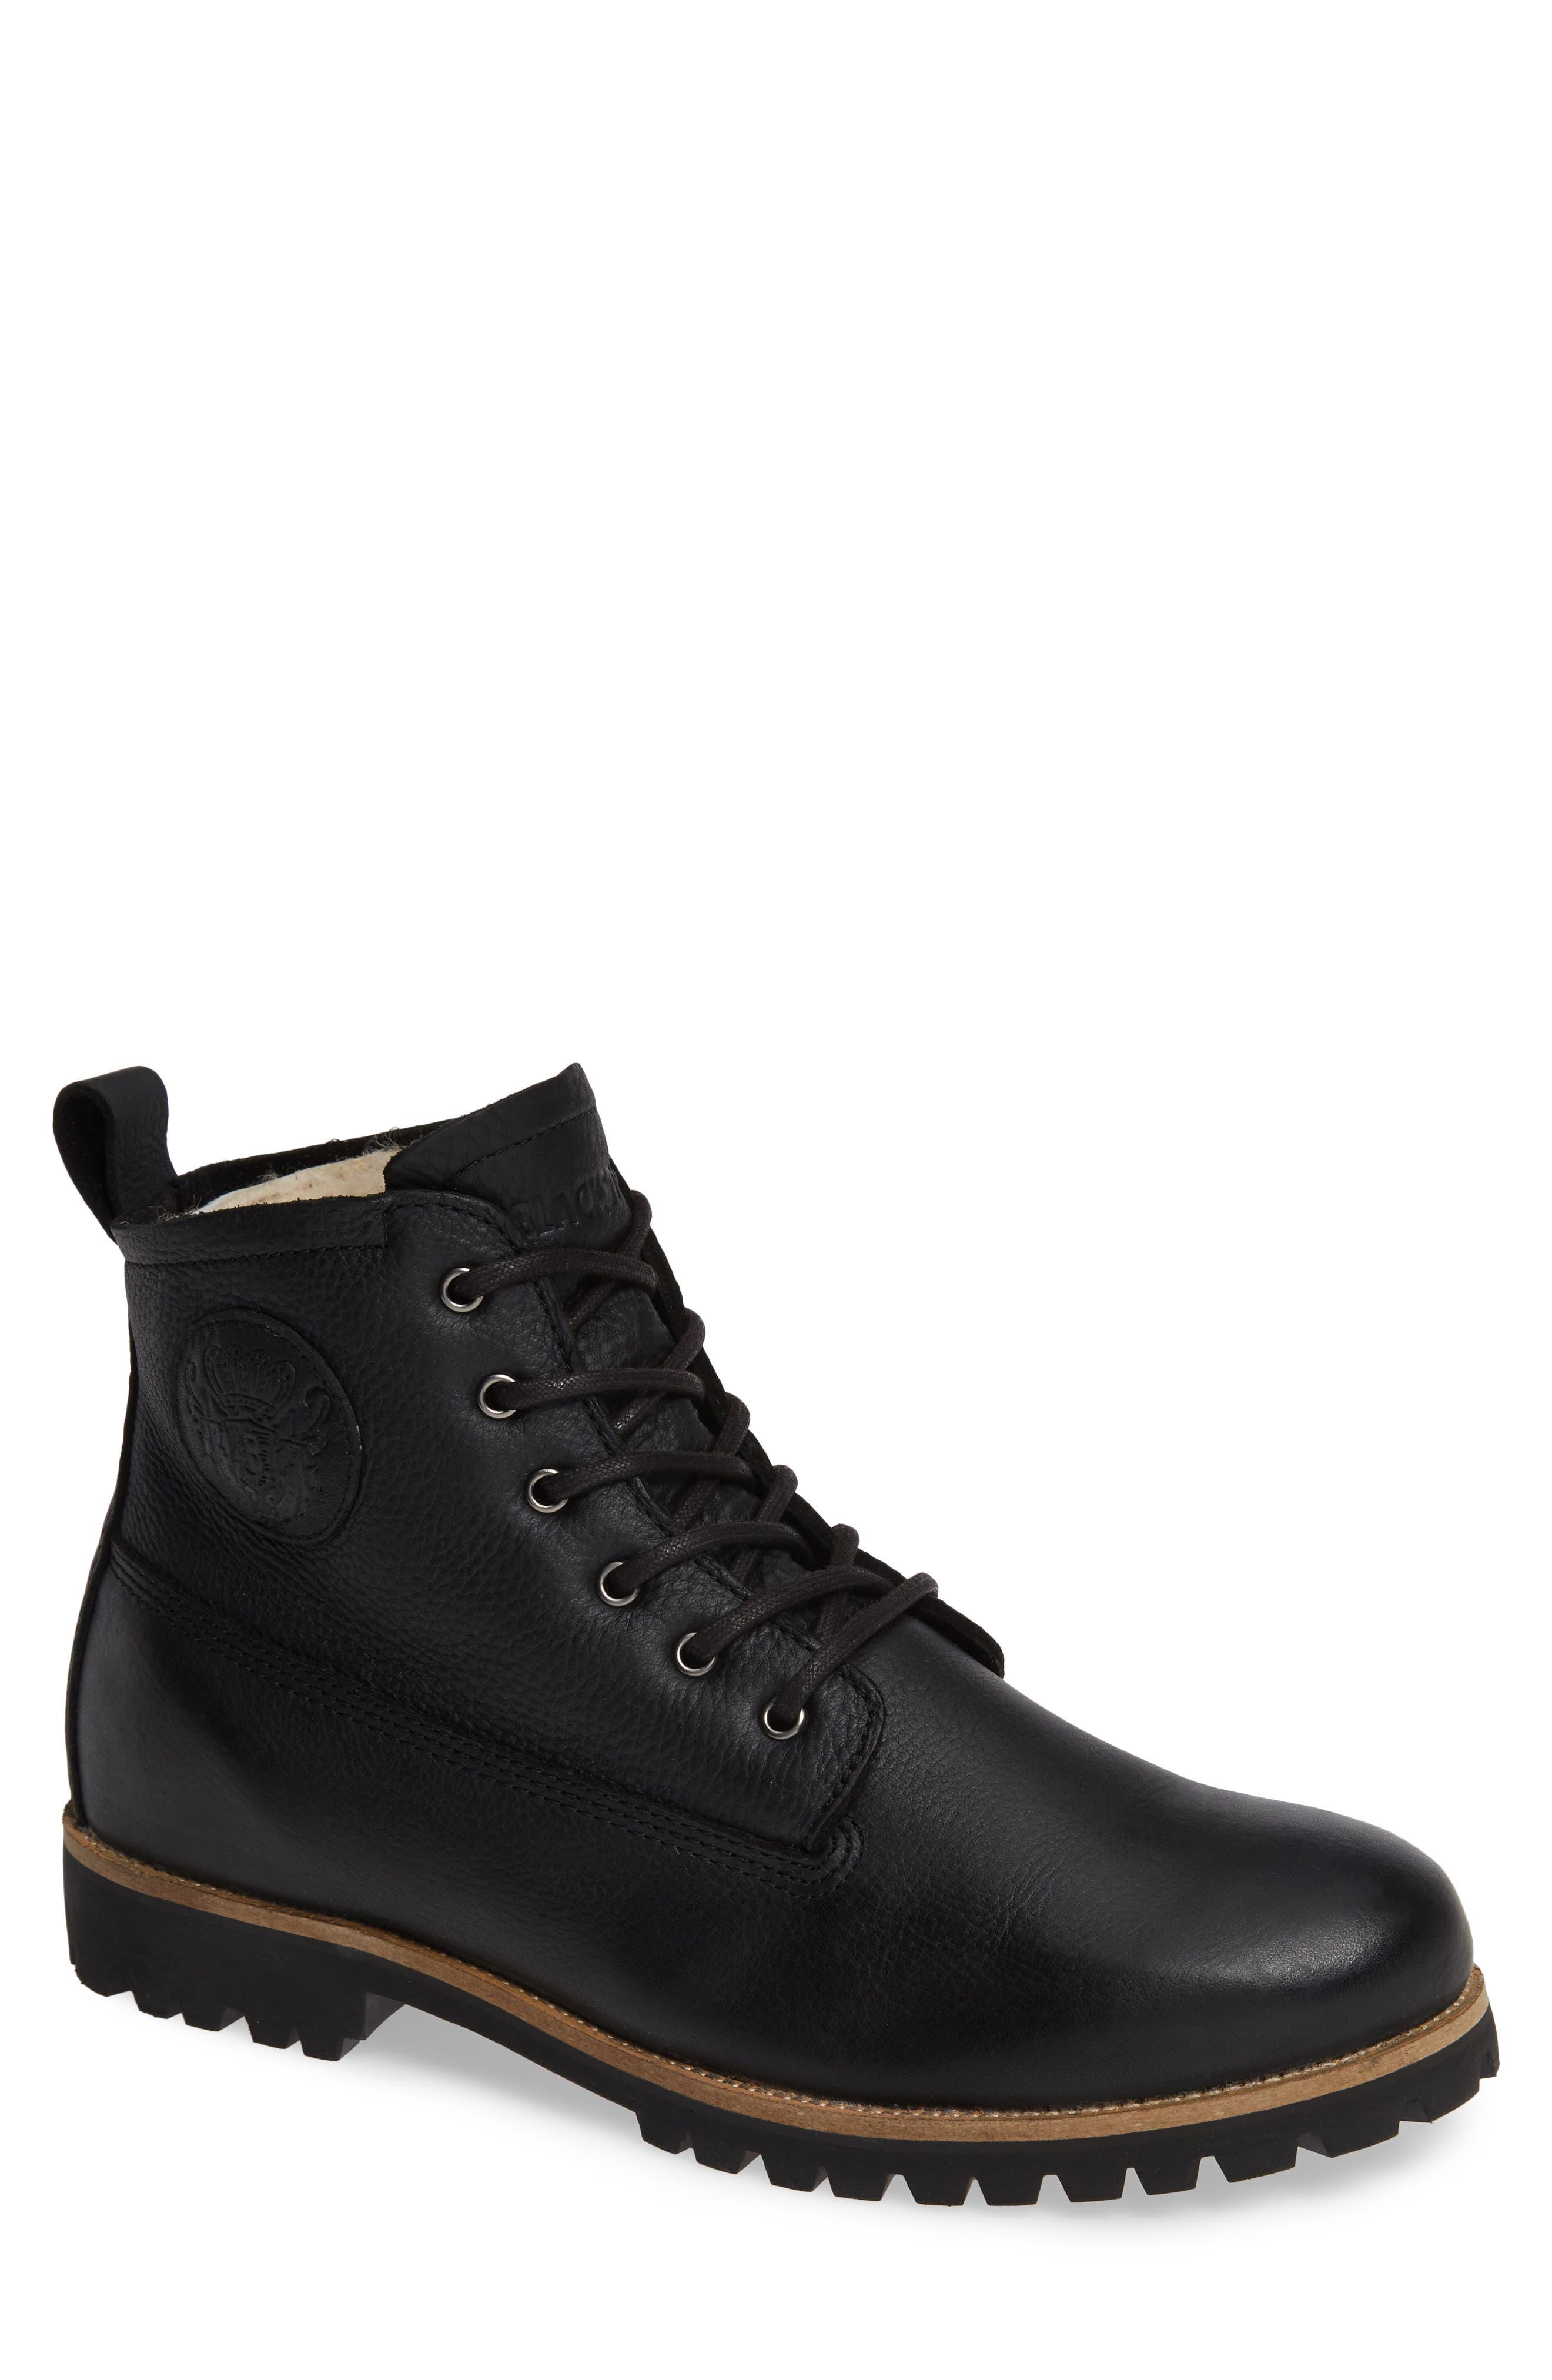 Blackstone Om60 Waterproof Genuine Shearling Boot, Black